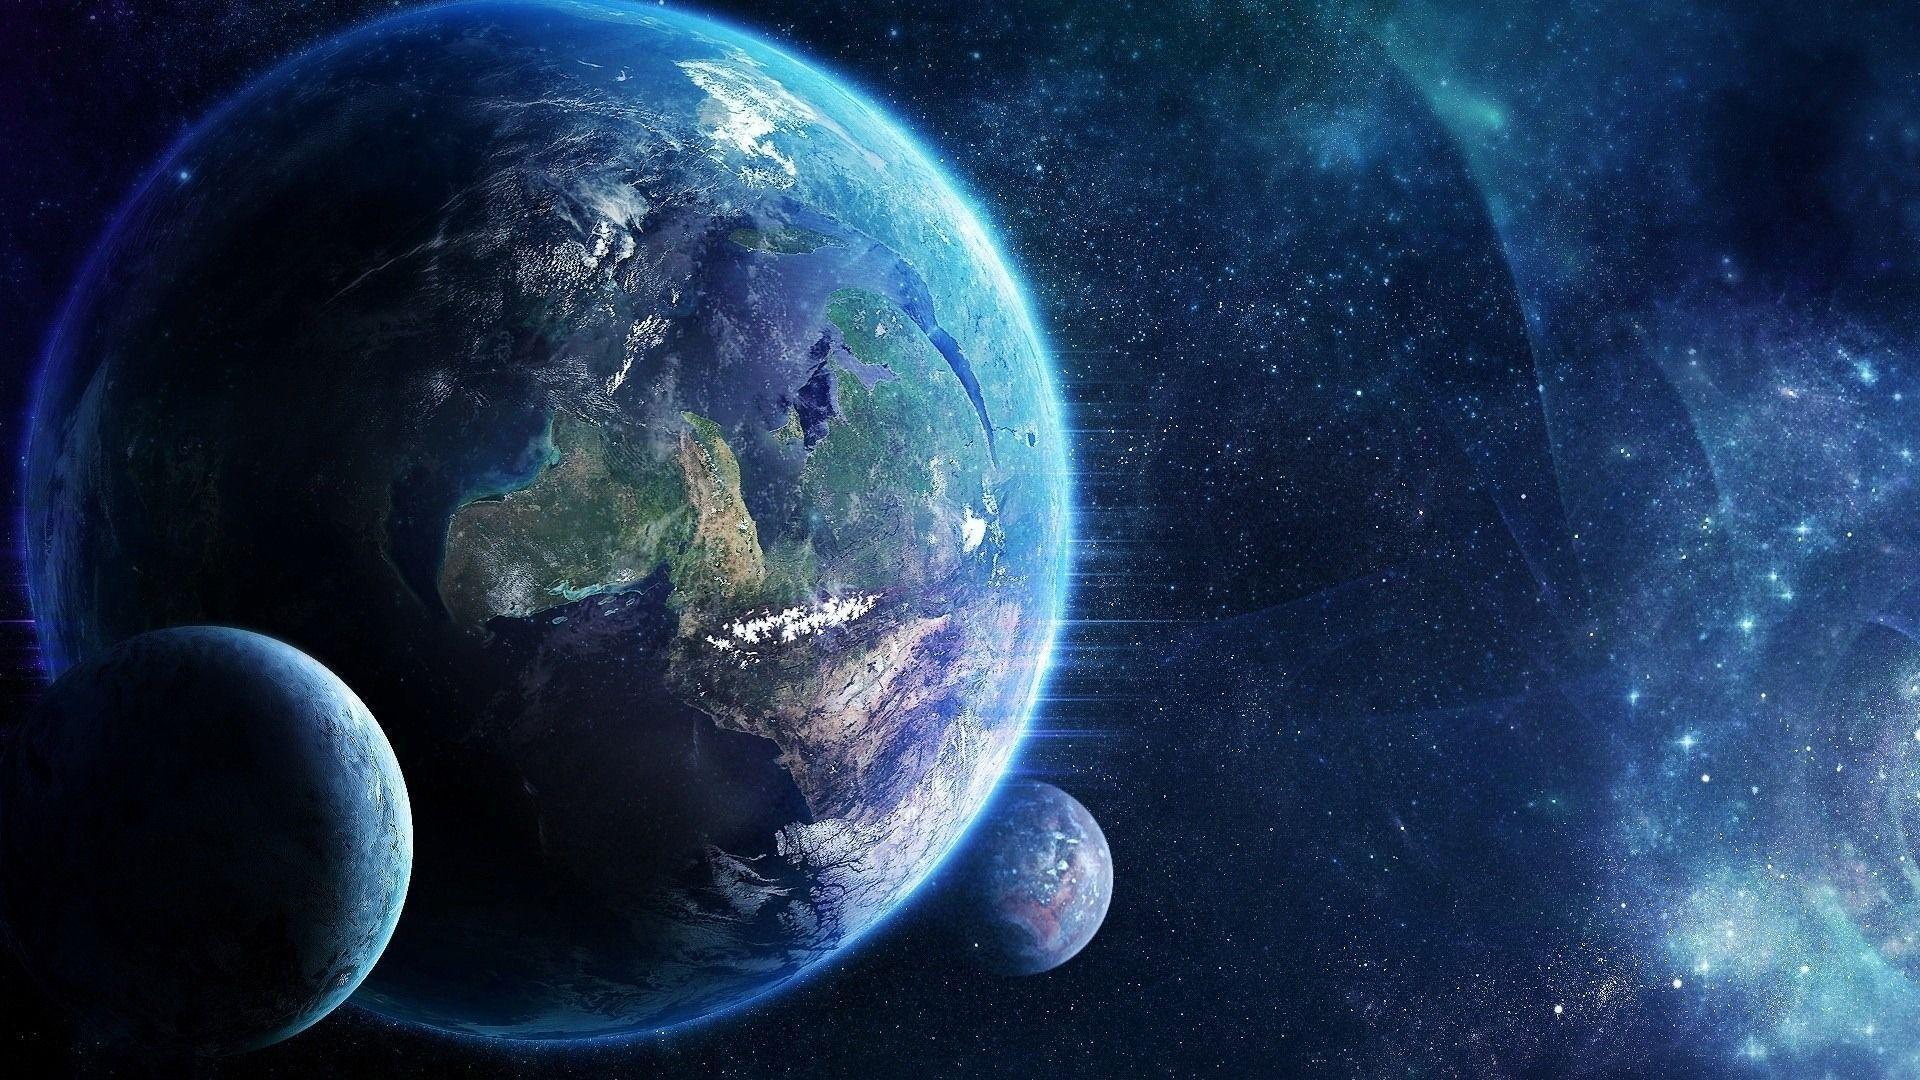 planet earth wallpaper hd